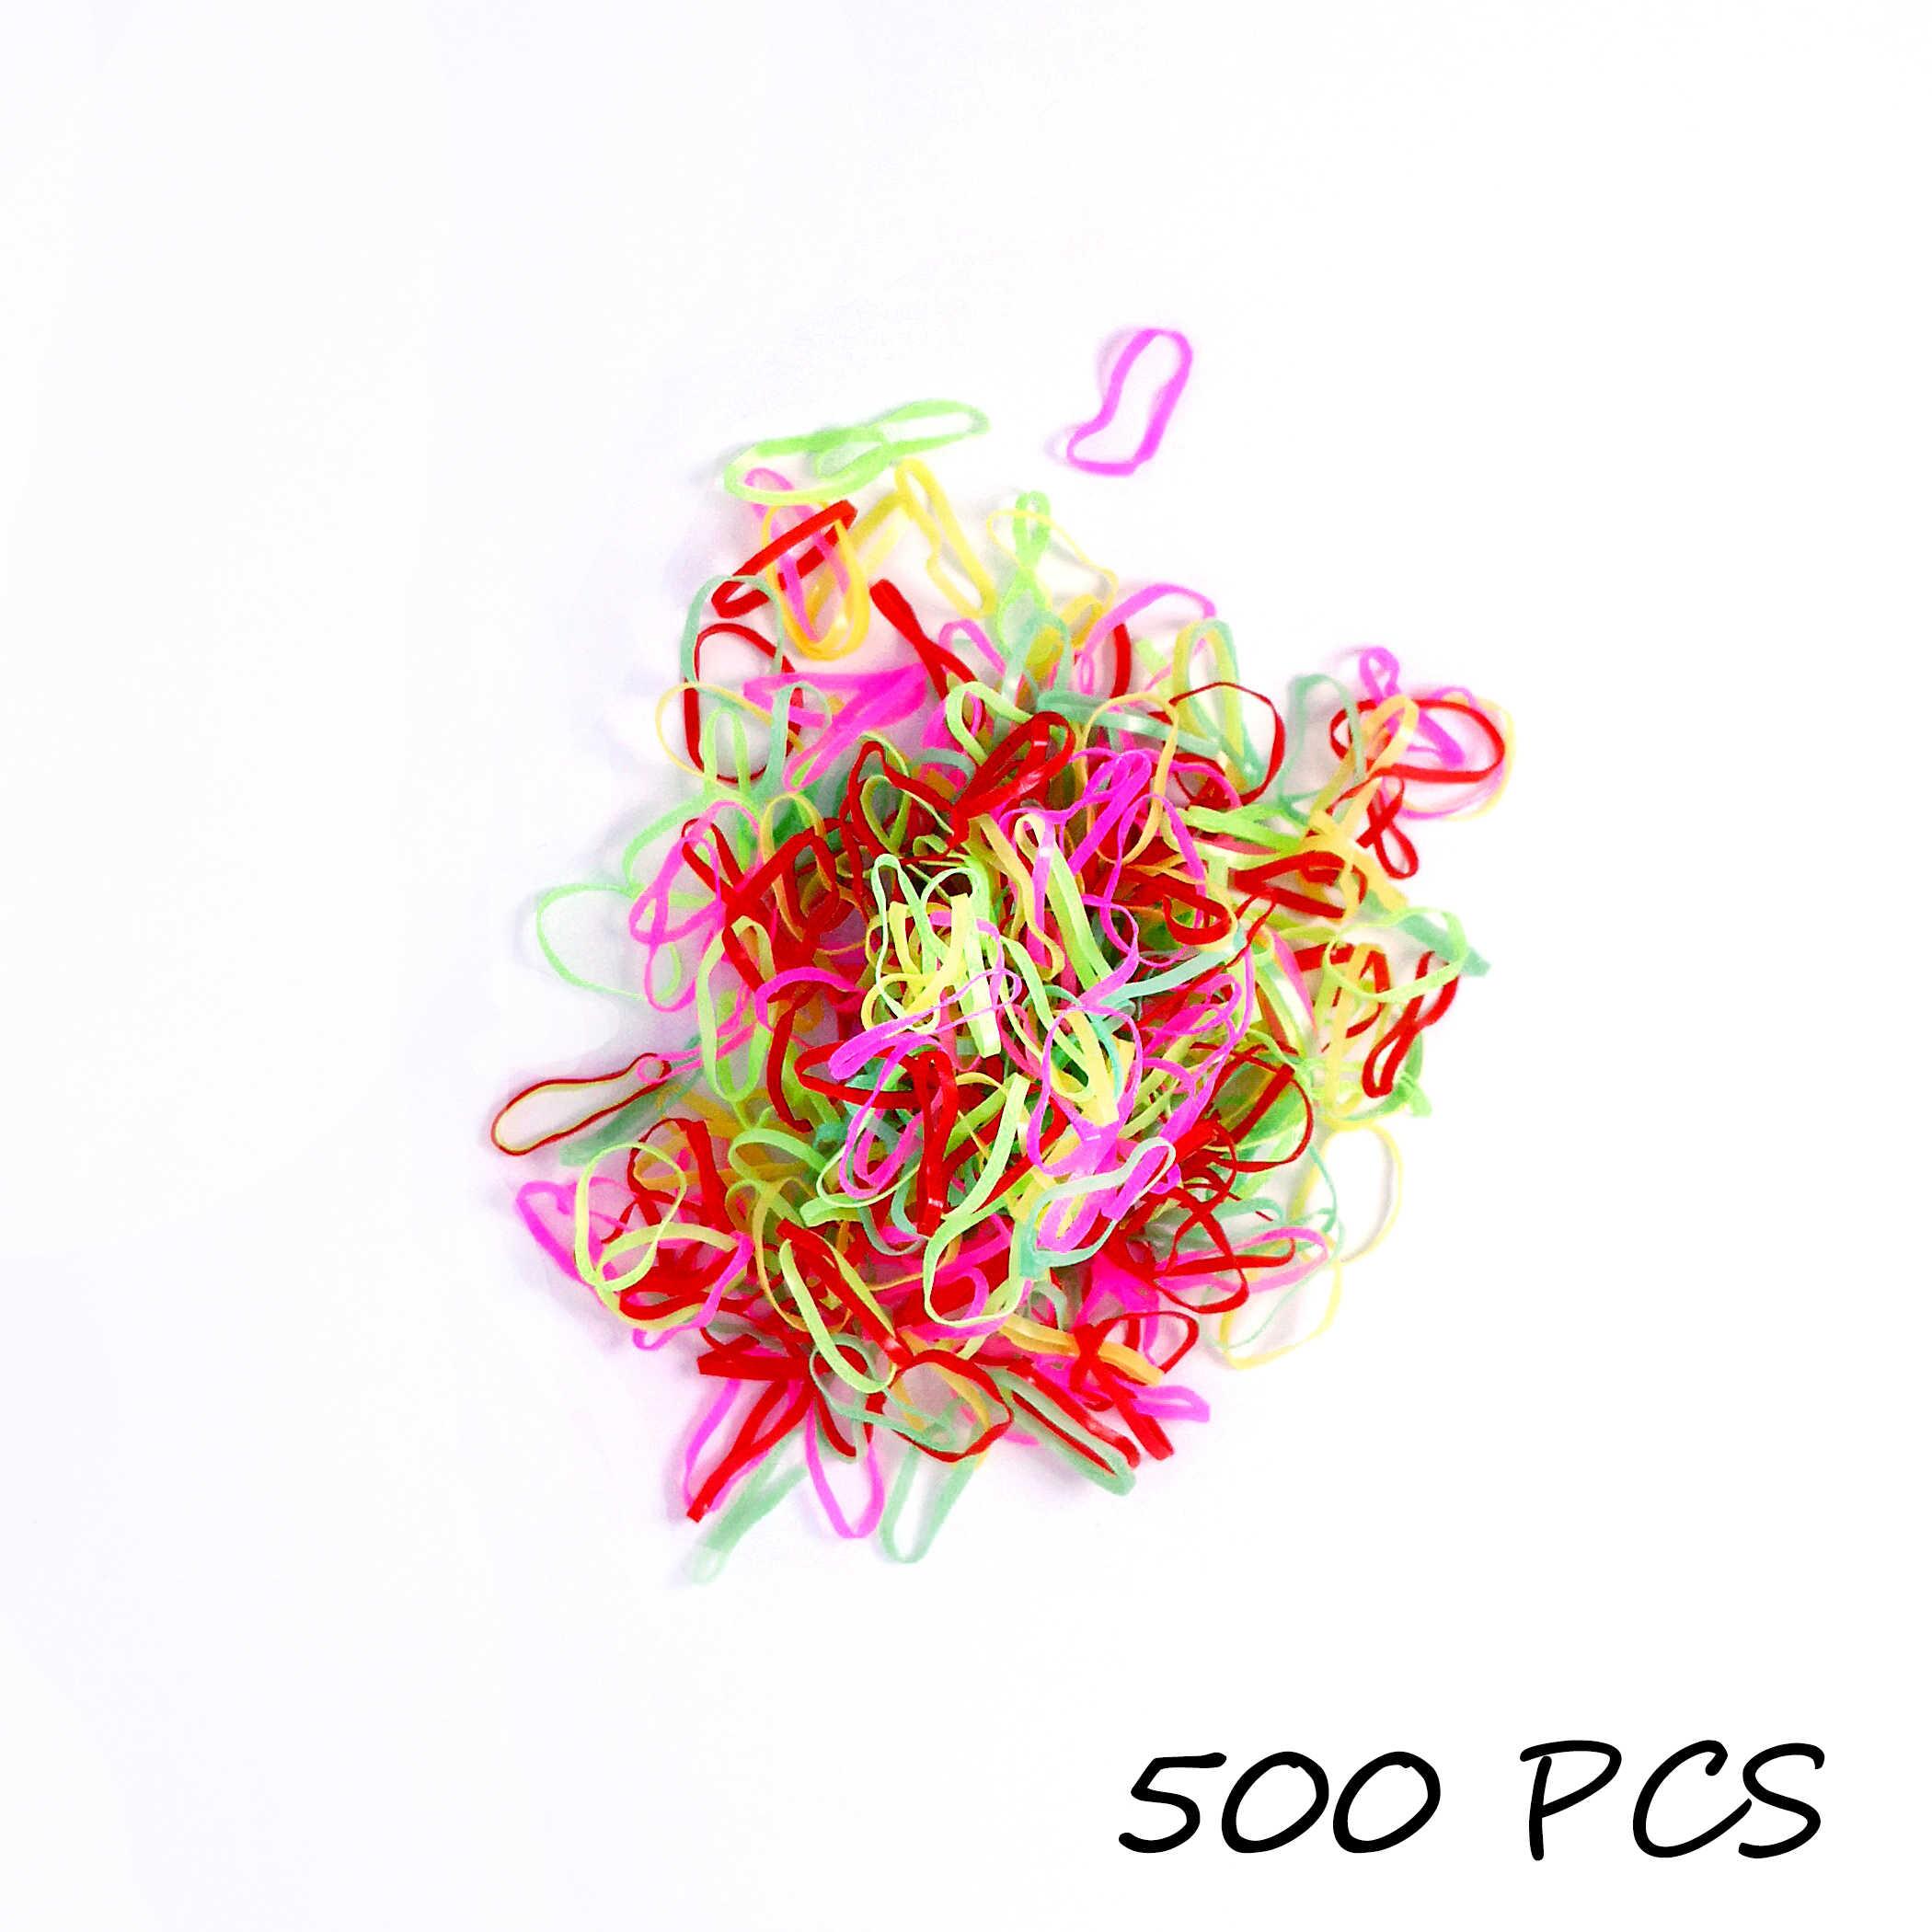 500 قطعة/الحقيبة الفتيات الملونة الأربطة المطاطية الأطفال مرونة الشعر العصابات ذيل حصان حامل المرأة لطيف الشعر الدائري الحلو